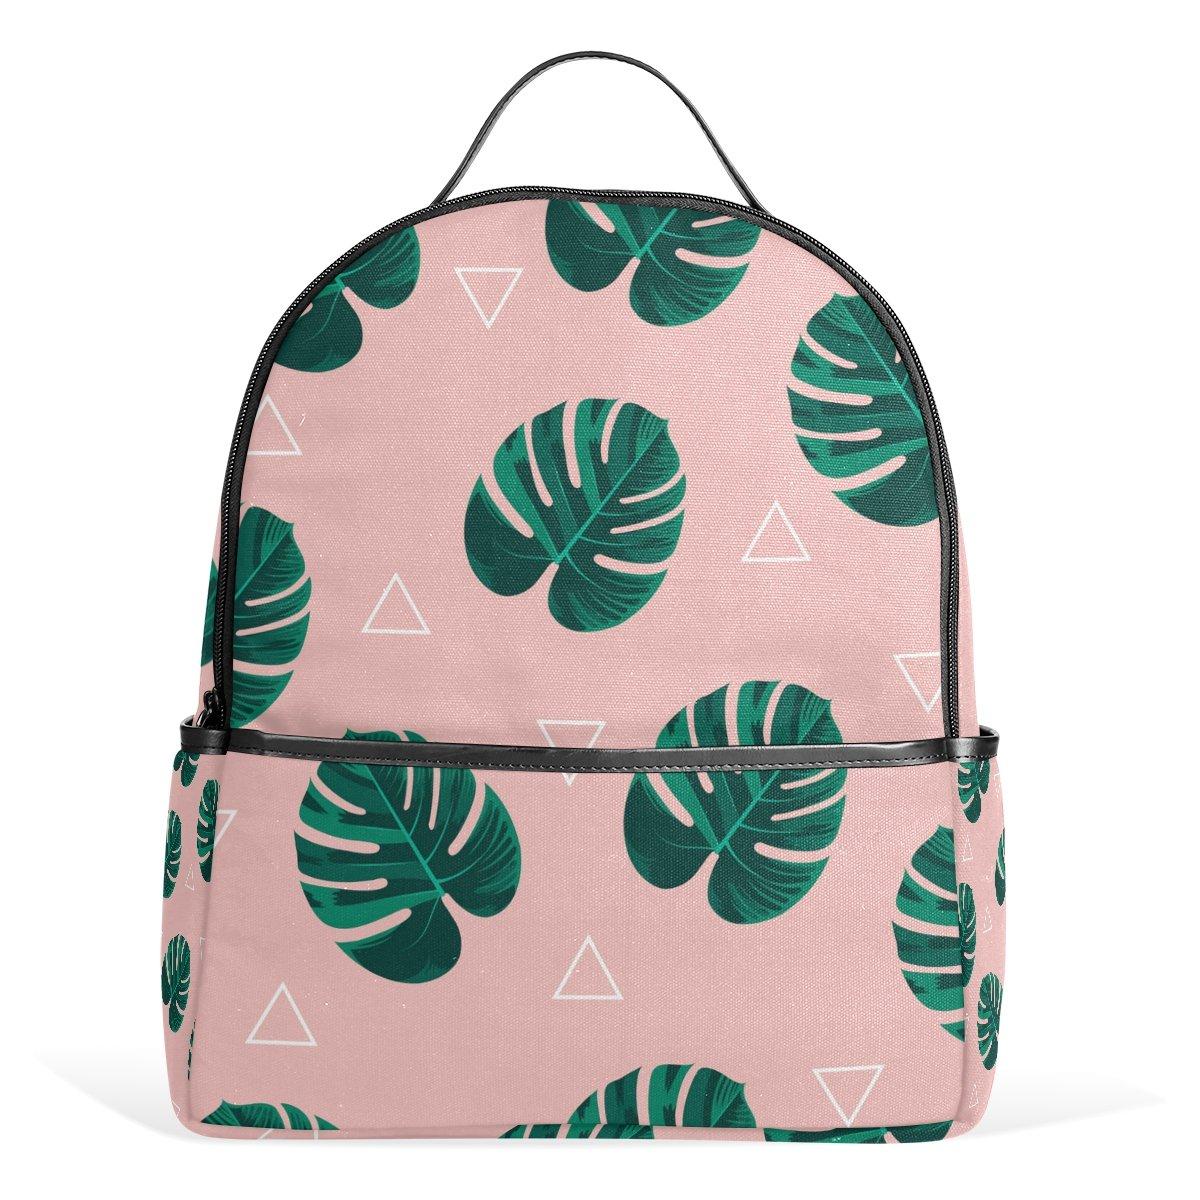 Tropical Leaves Backpack For Women Girls Kids Small Backpacks Travel